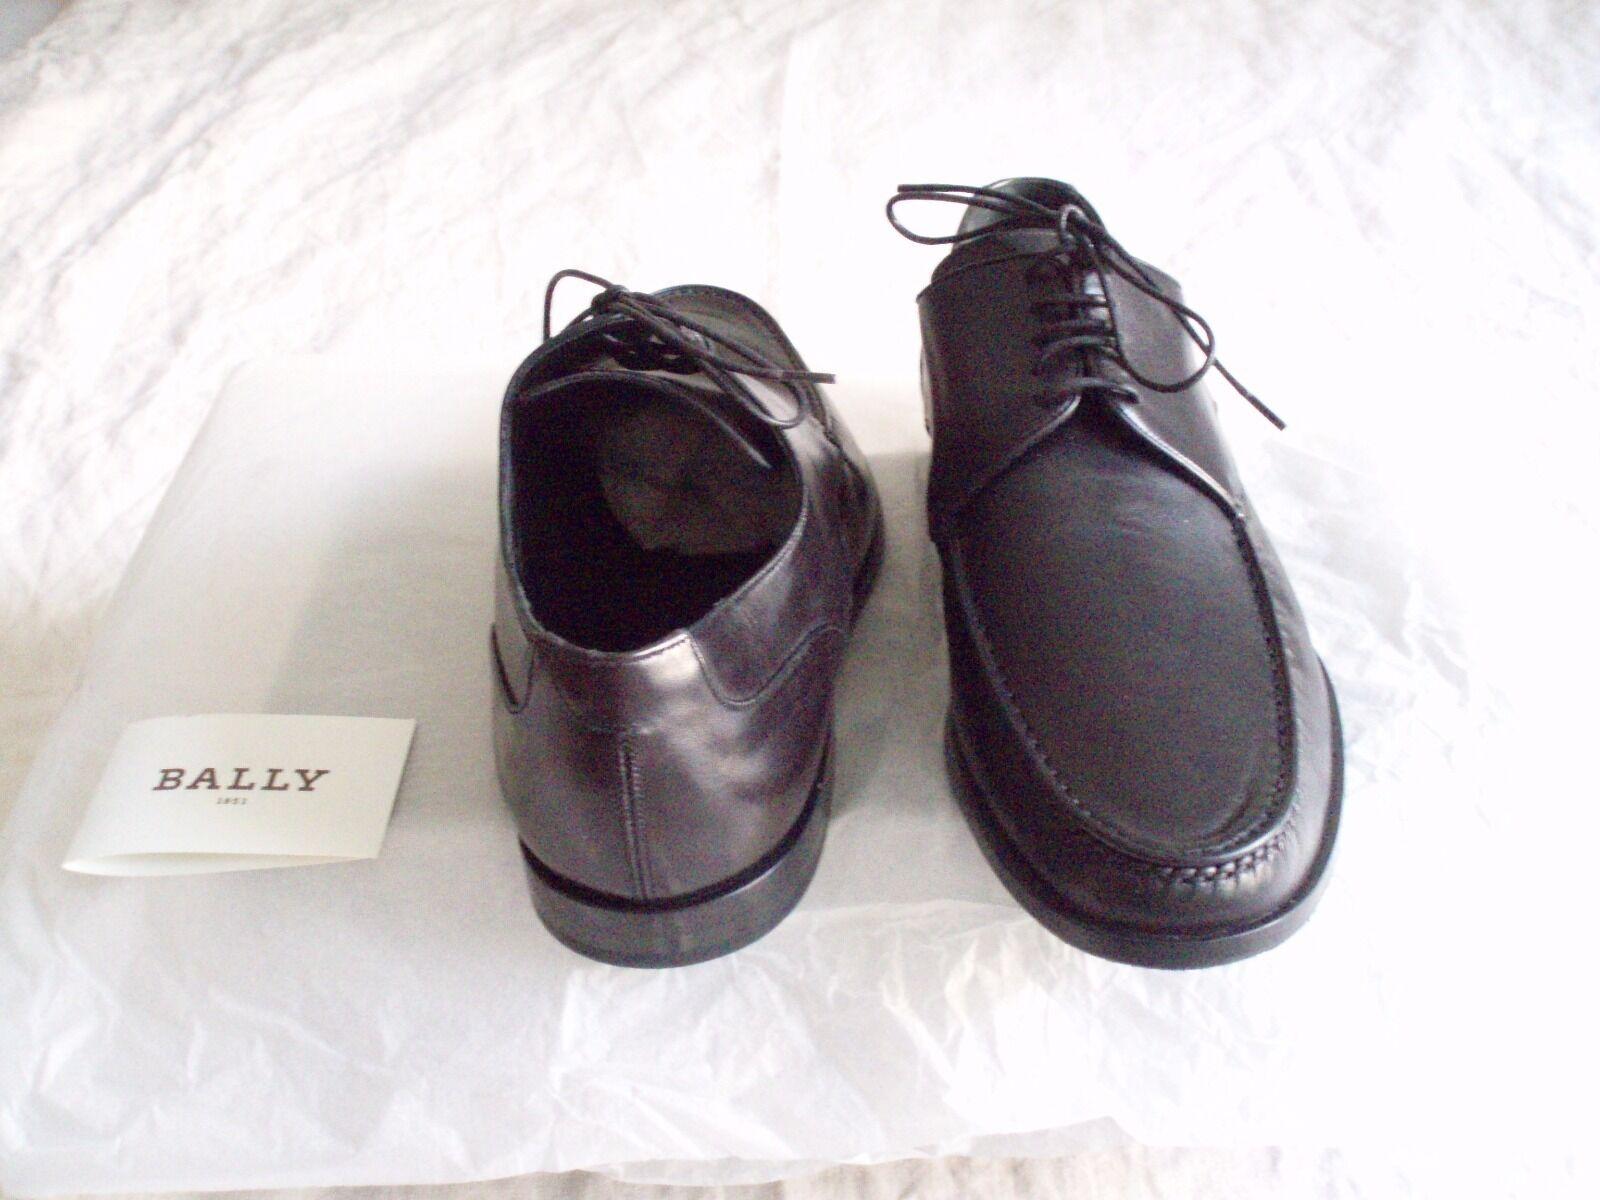 Schwarzer Halbschuh von Bally, Größe Größe Größe 42,5 (fällt aus wie 43) aus Lamm Nappa, neu 21a5d5